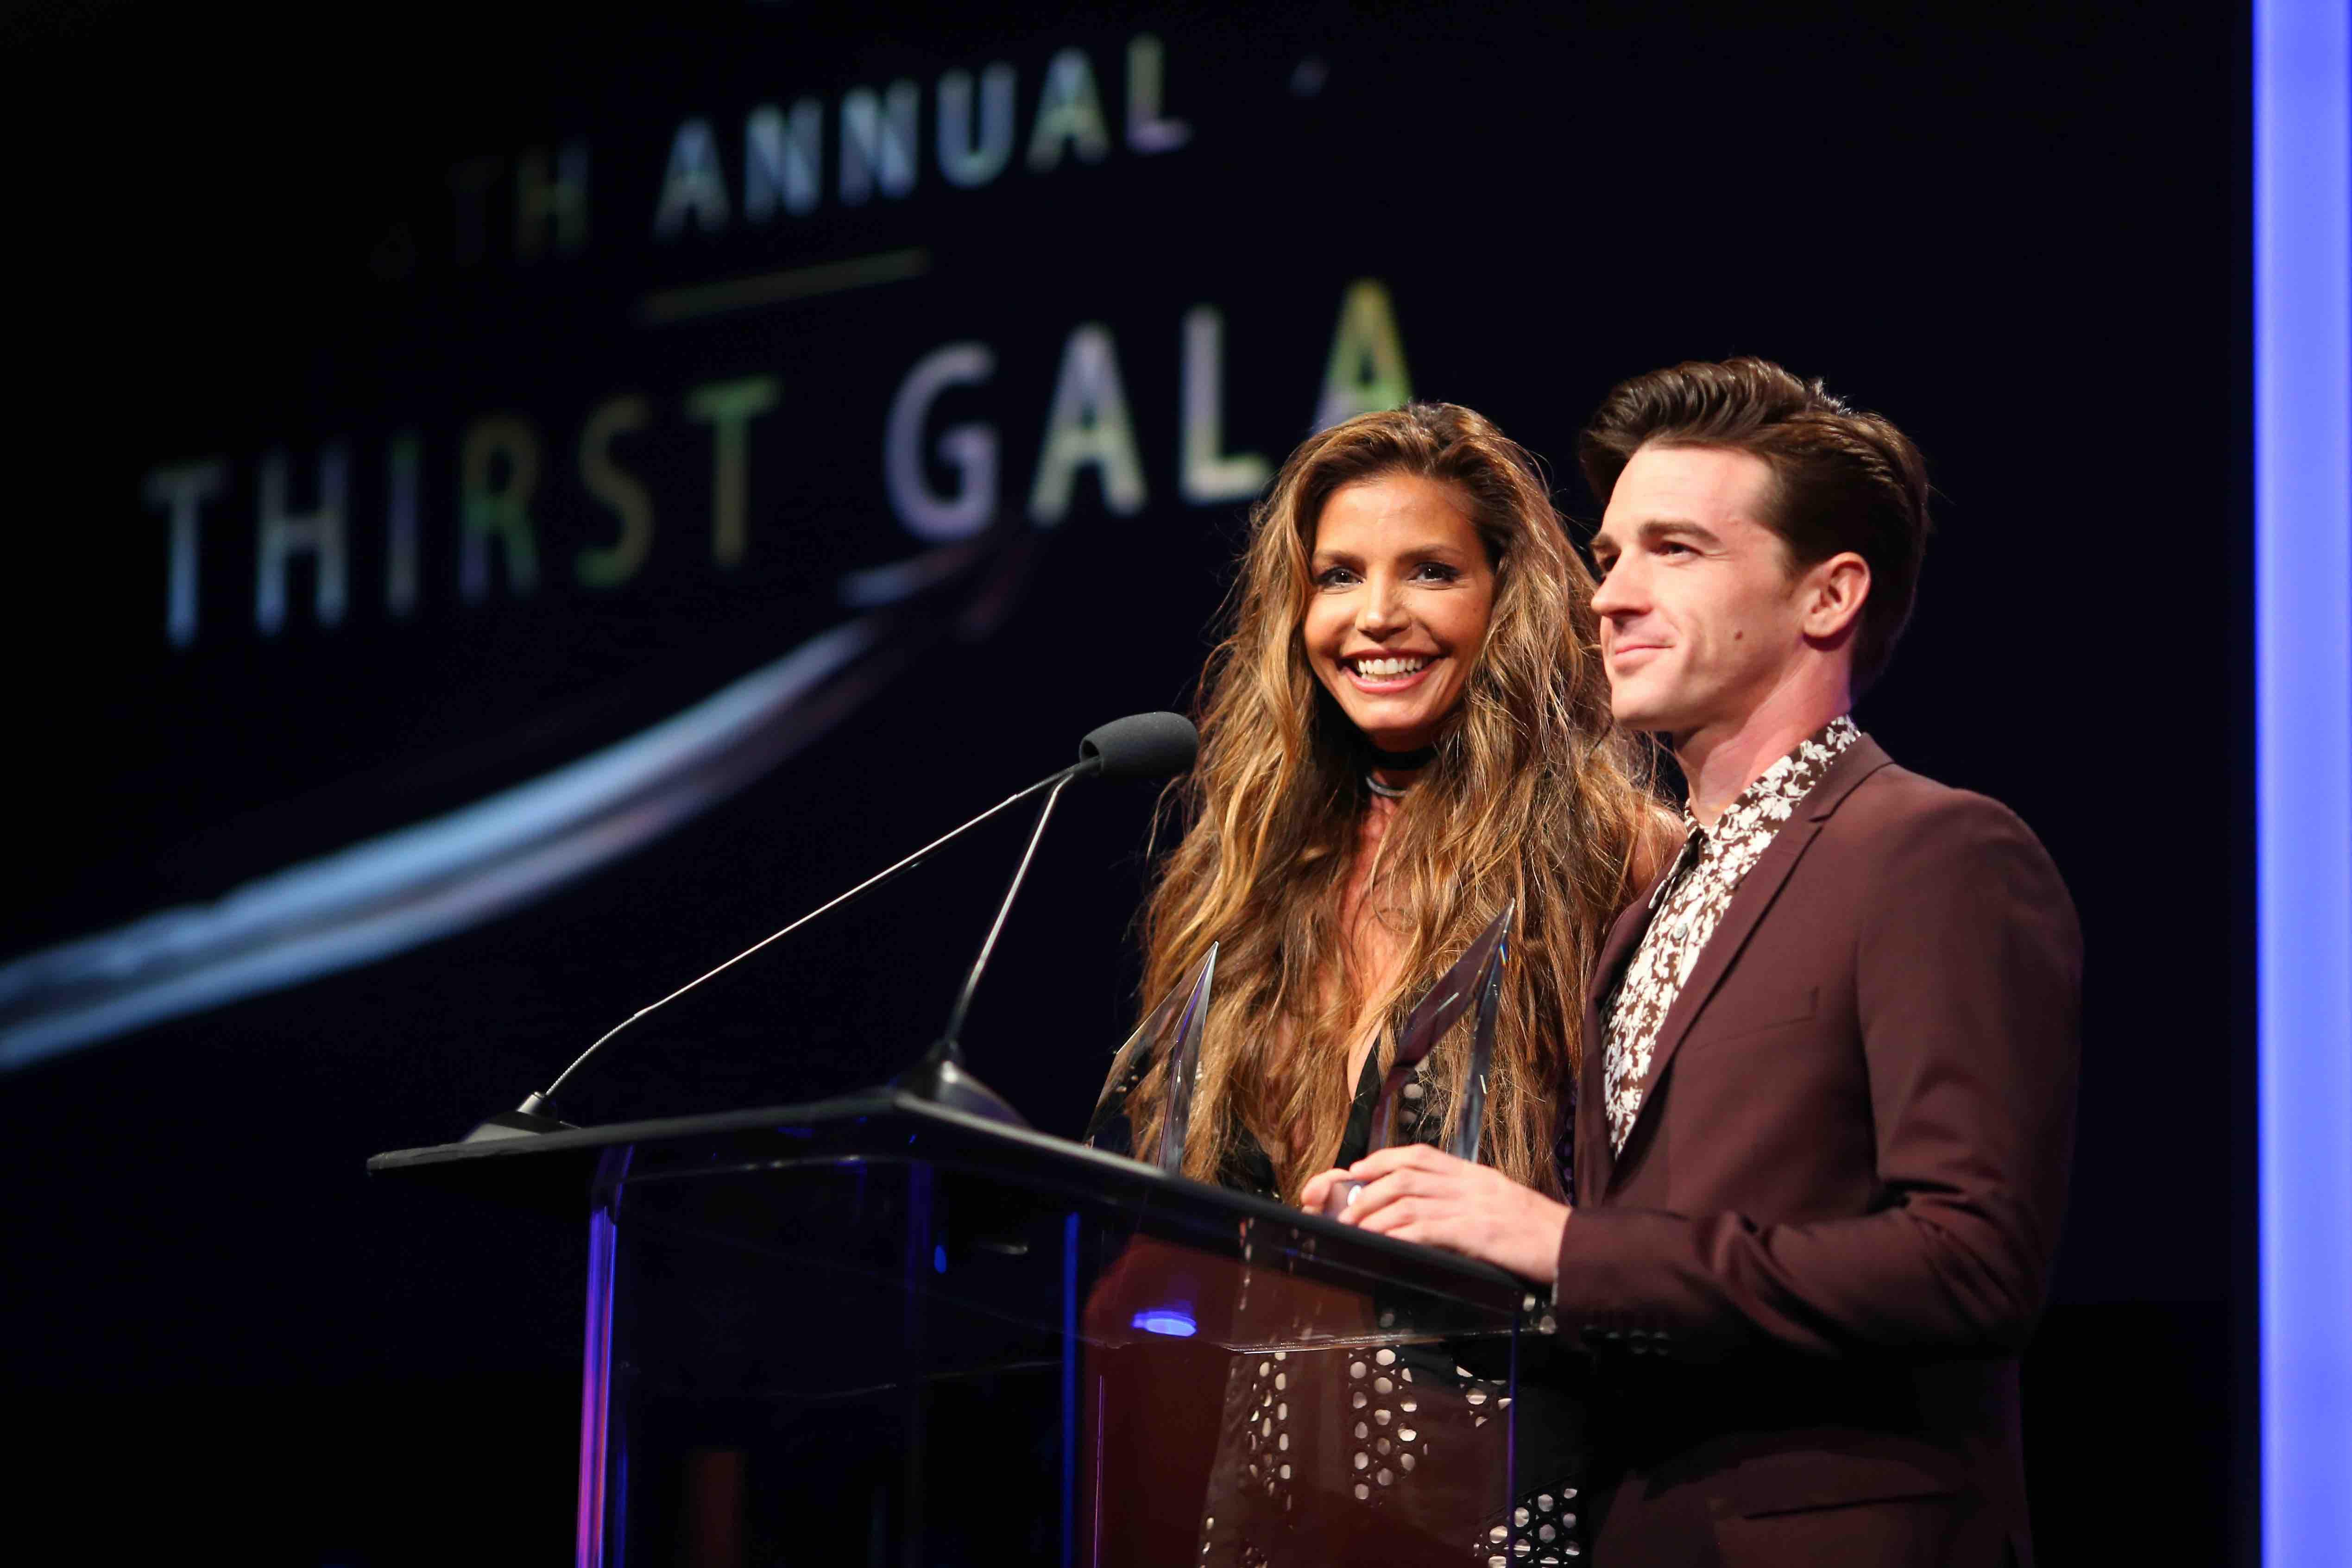 Andy Grammer | Thirst Gala | Thirst Gala 2017 | Chraity News 2017